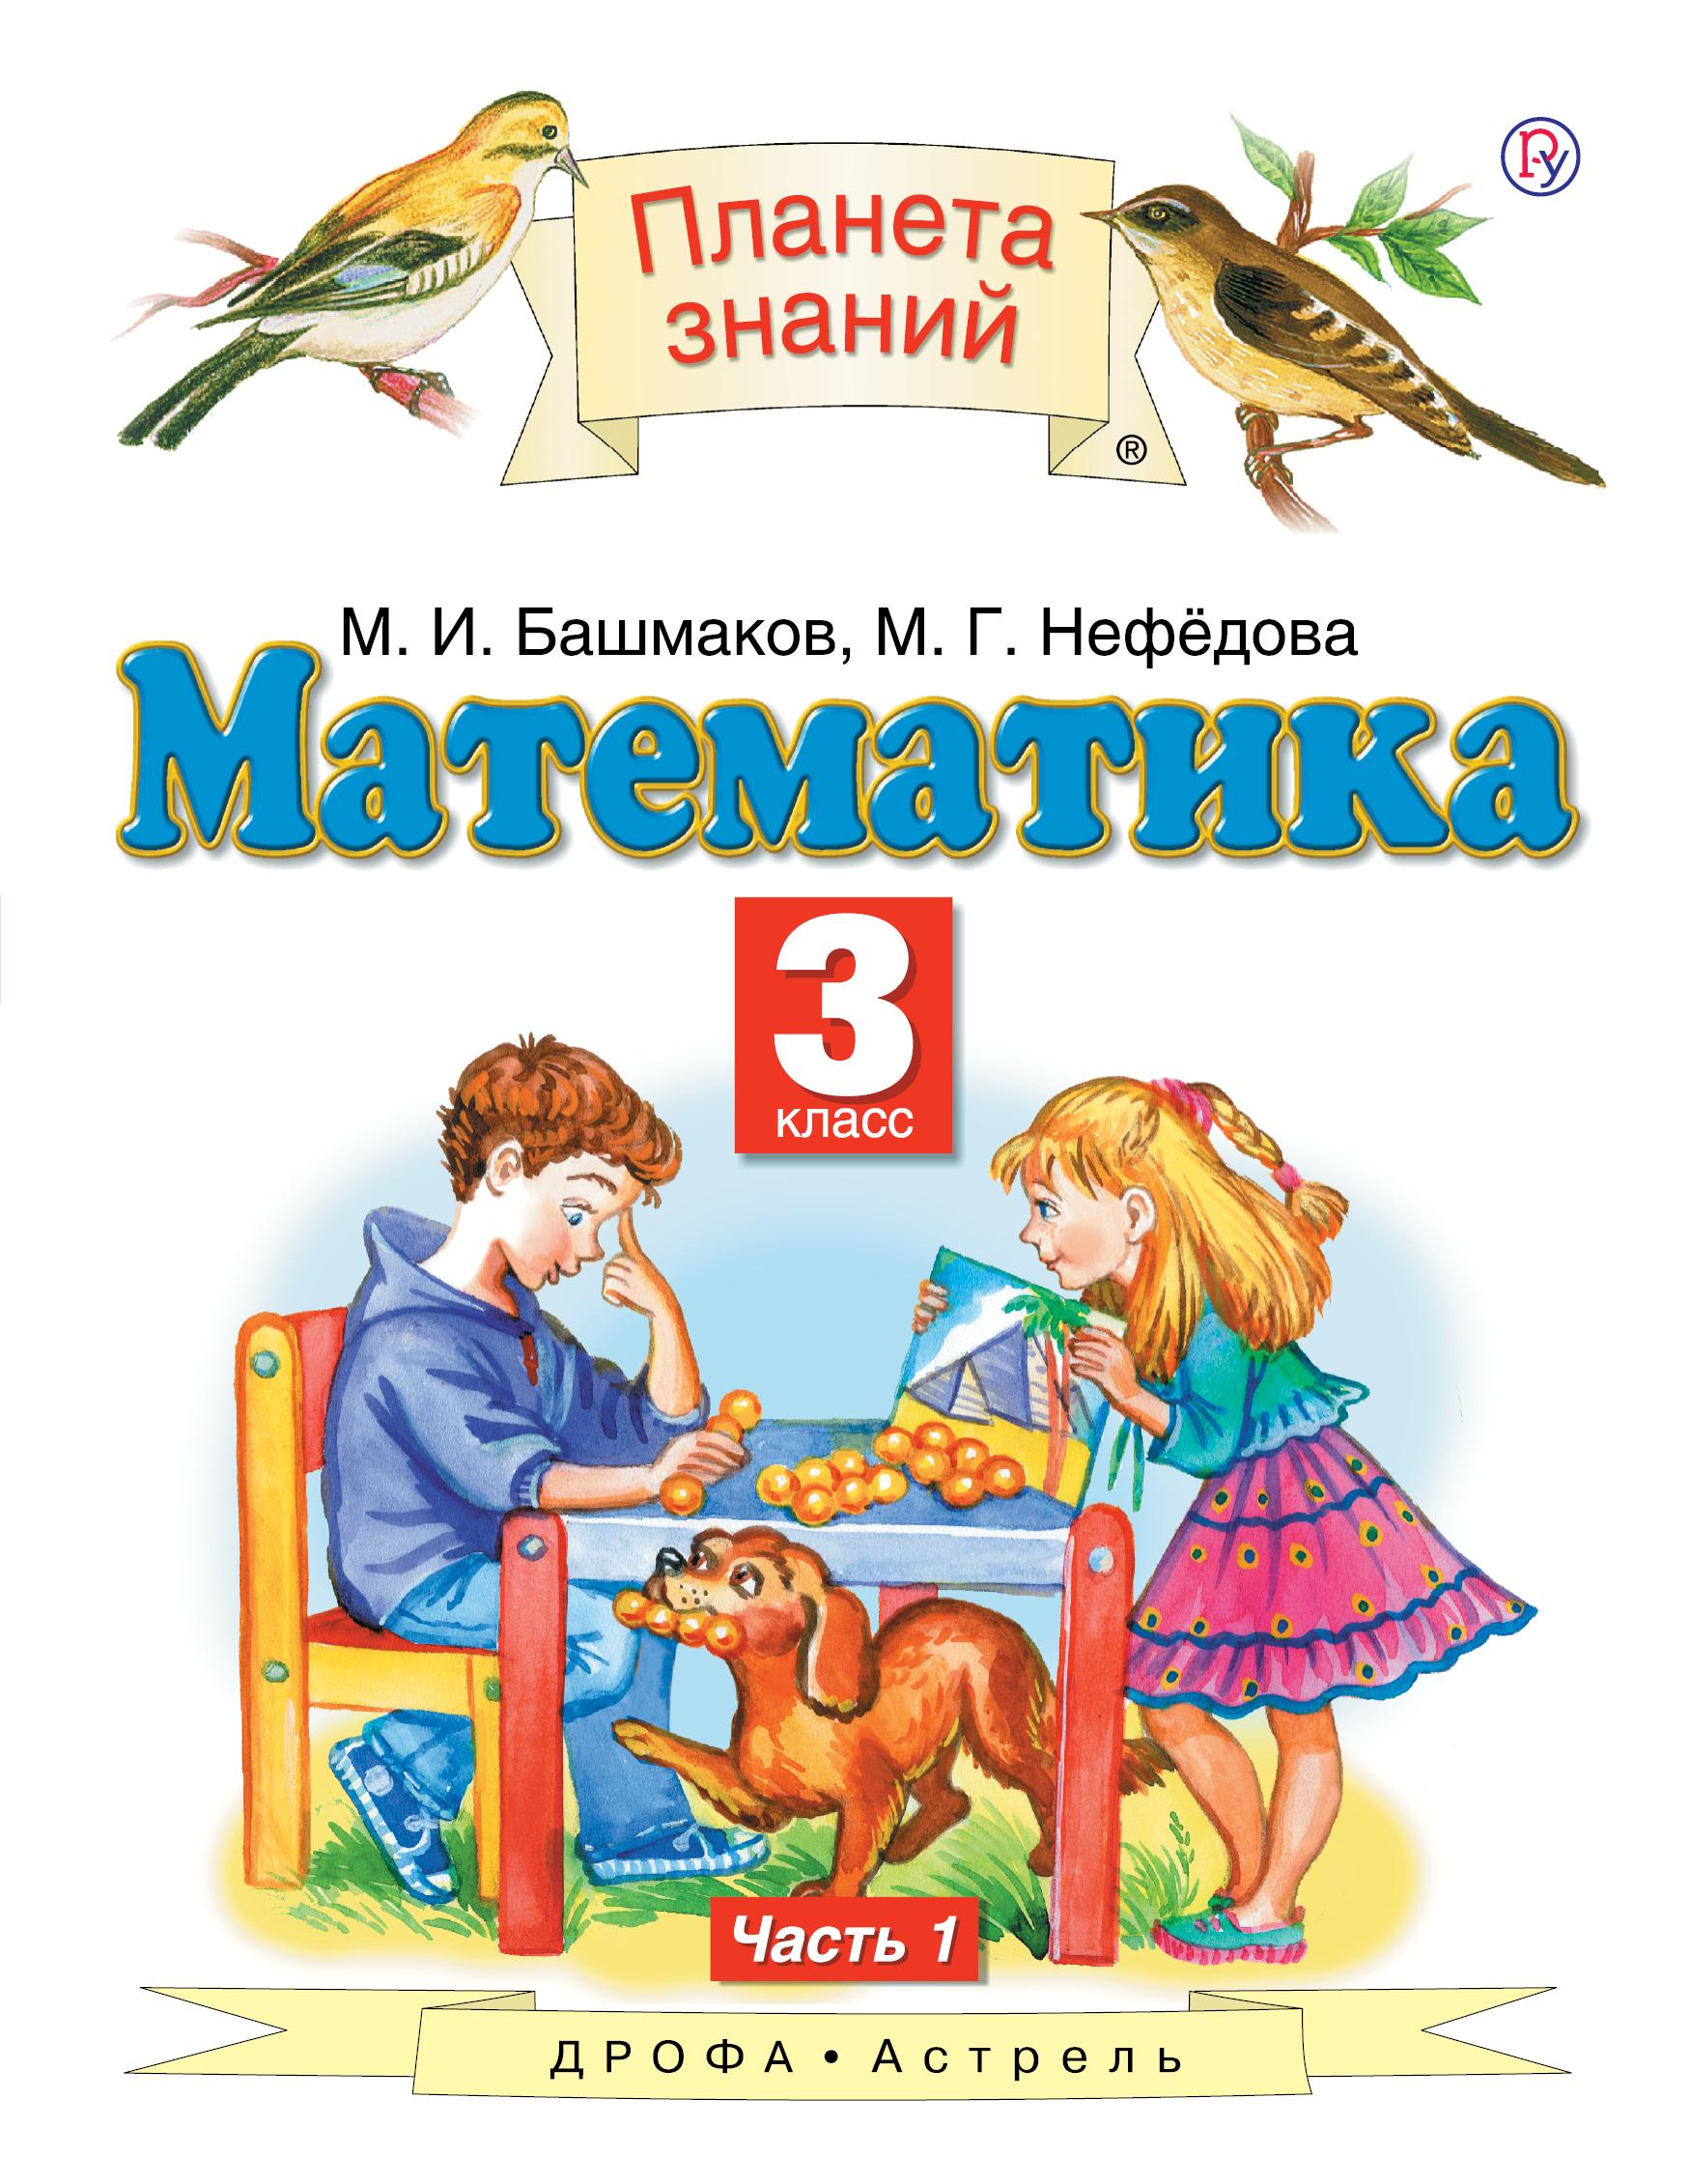 М. И. Башмаков, М. Г. Нефедова Математика. 3 класс. Учебник. Часть 1